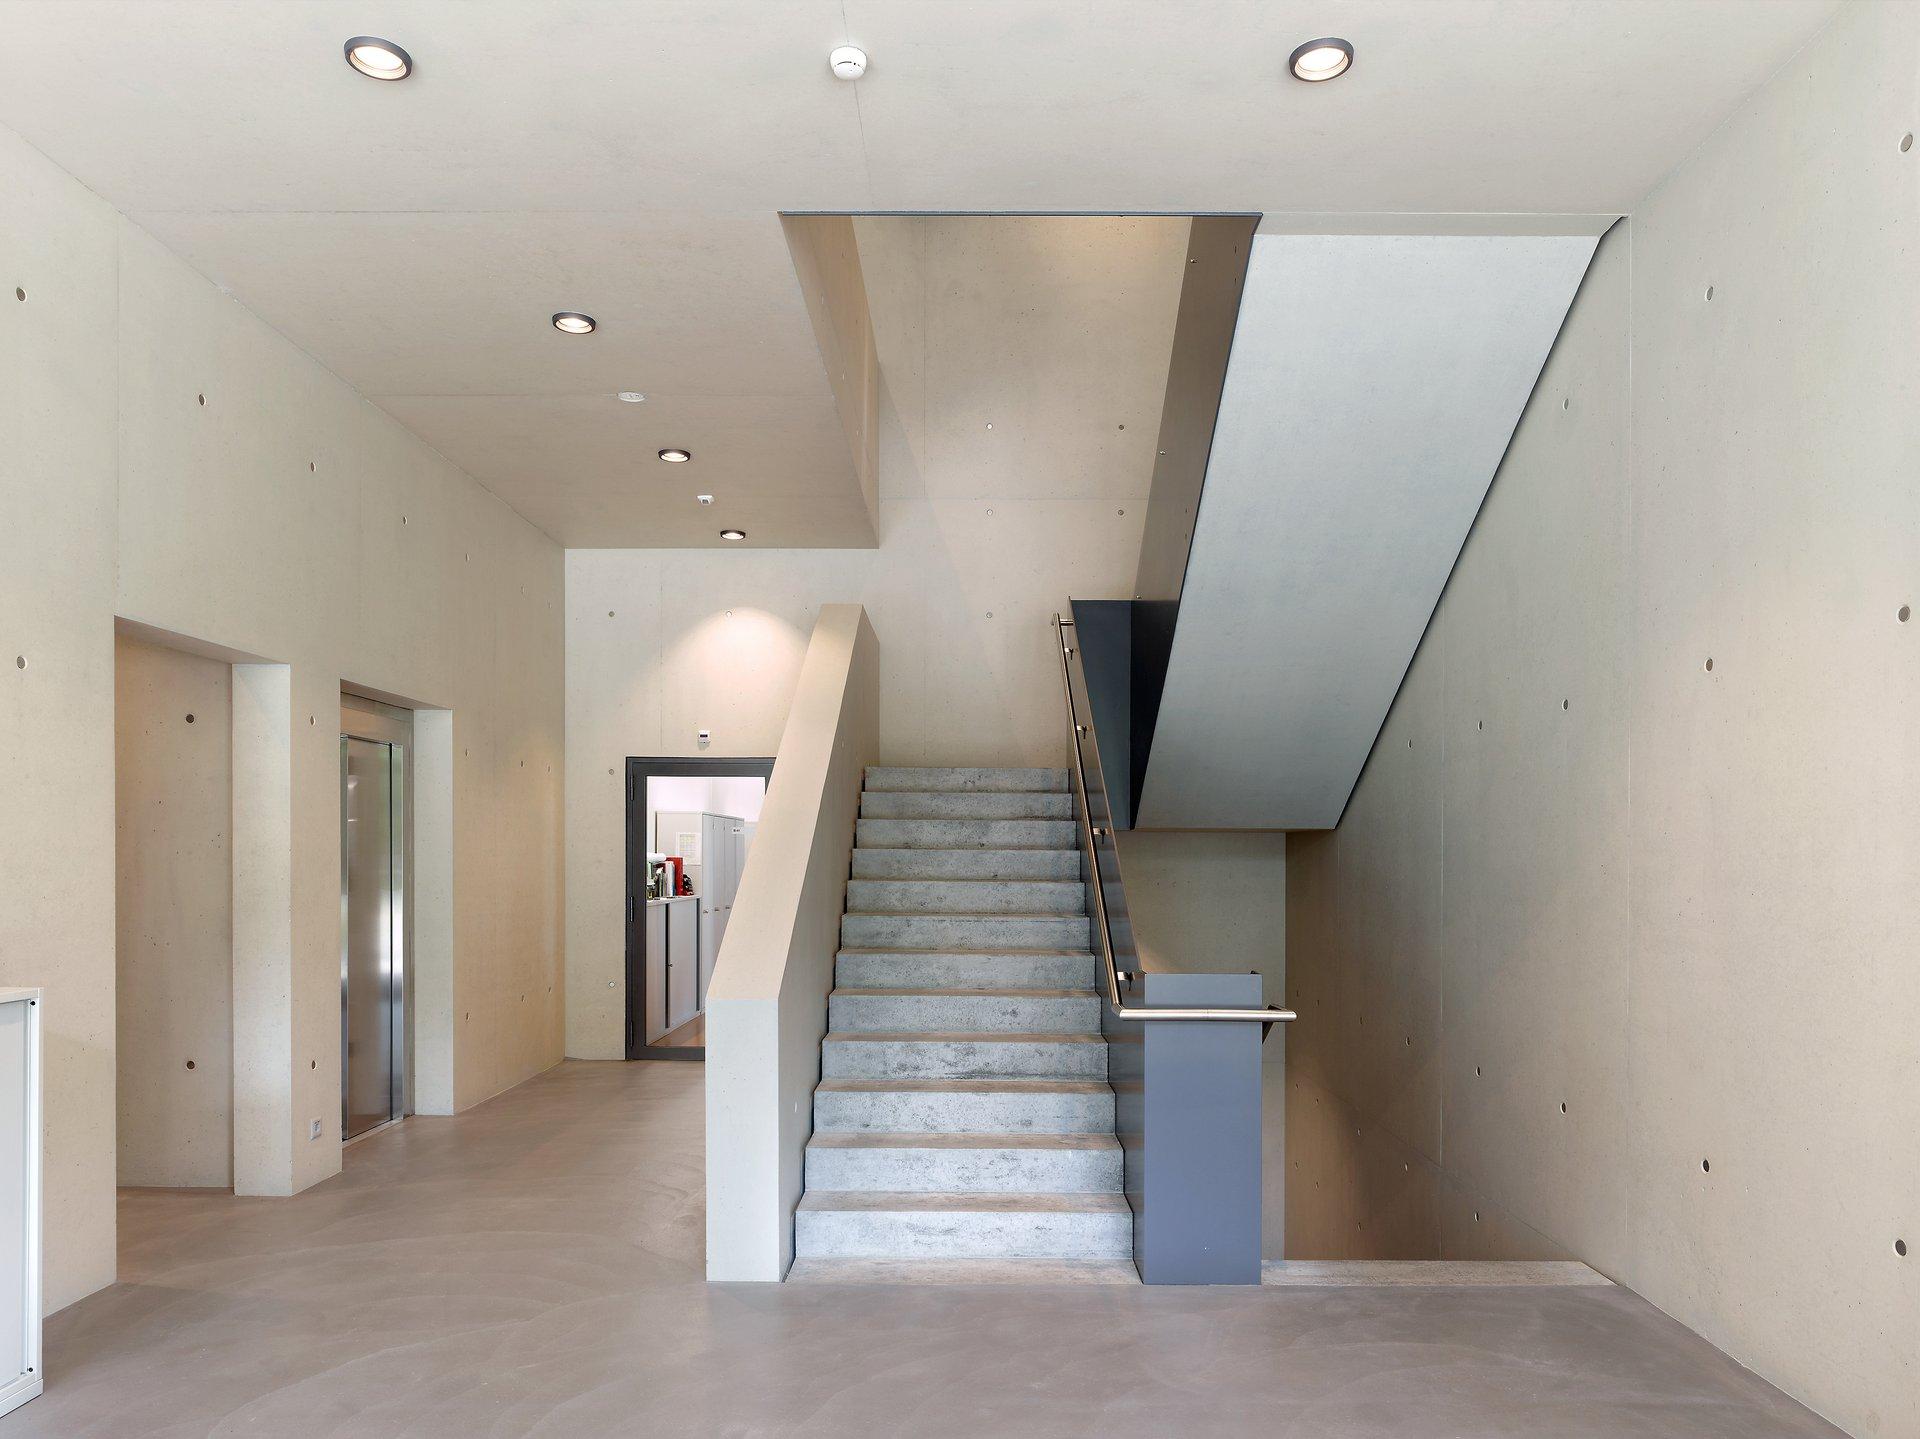 Grosszügiges und modernes Treppenhaus aus Sichtbeton